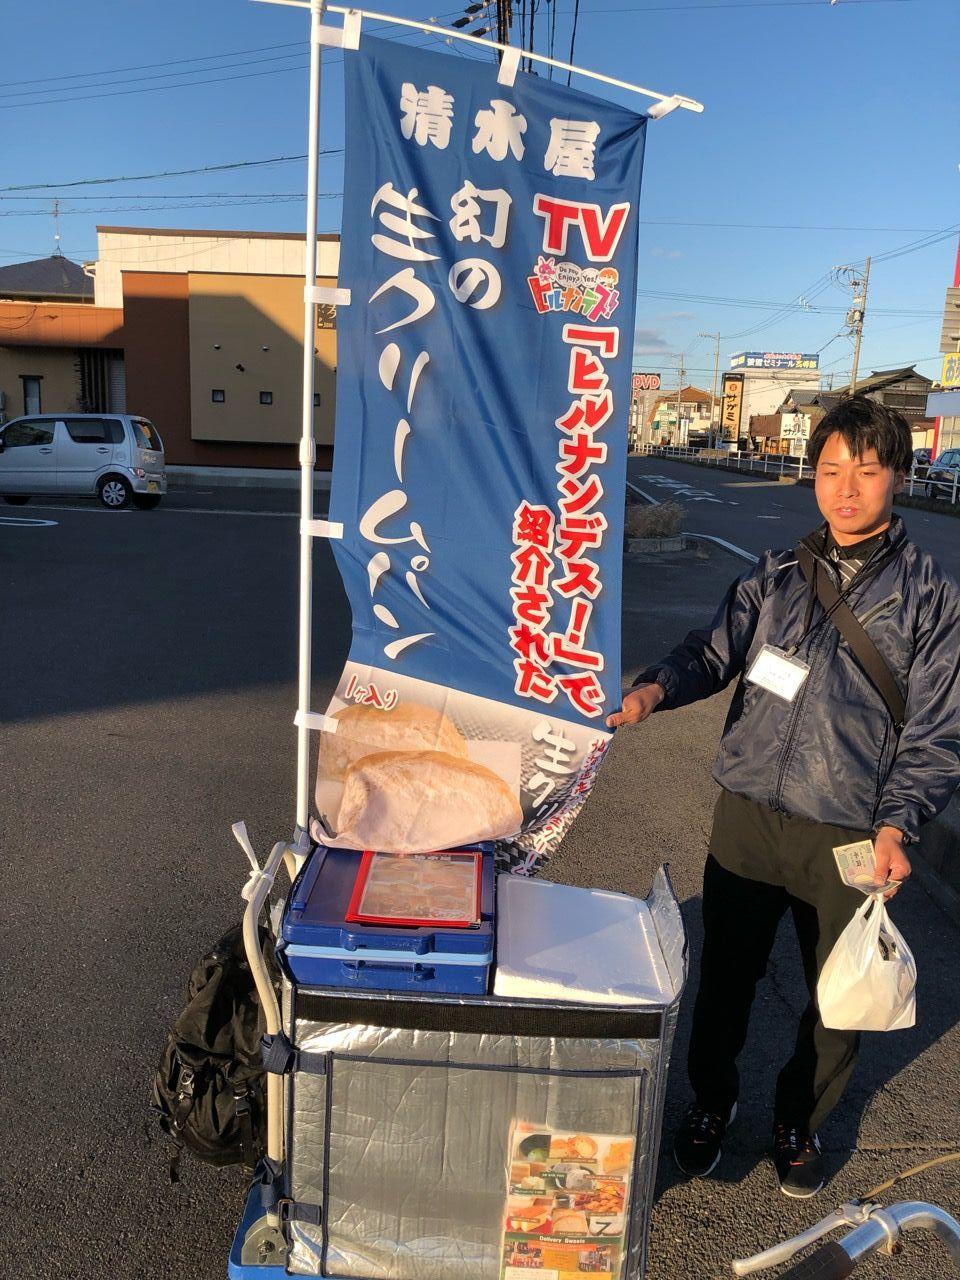 TV「ヒルナンデス!」でも紹介された「幻の生クリームパン」移動販売